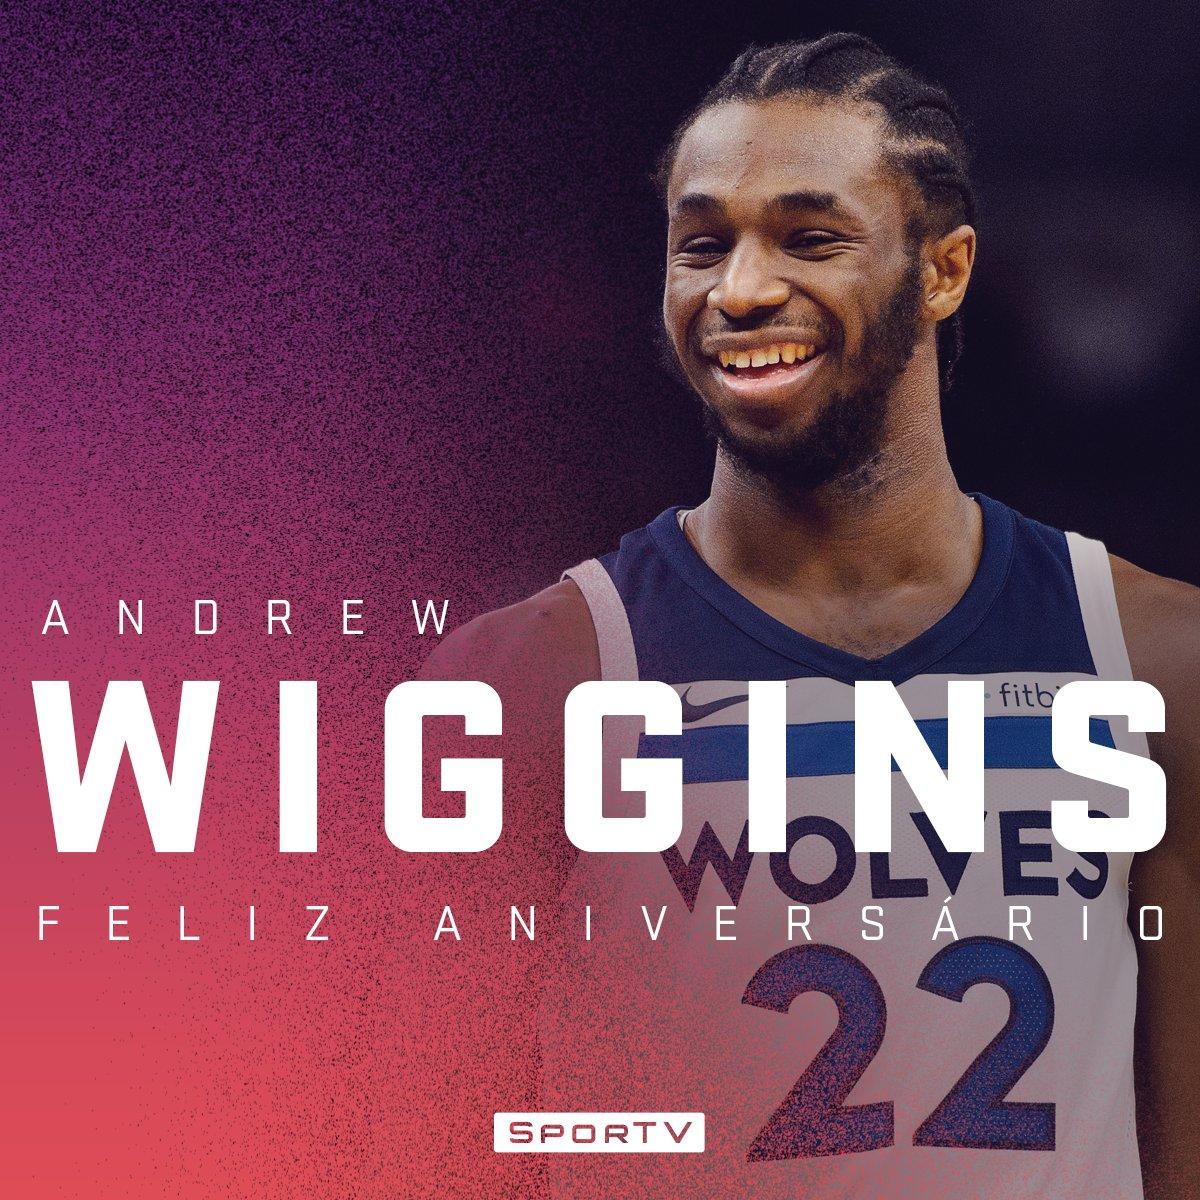 Um dos astros do Timberwolves completa 23 anos nesta sexta-feira! Parabéns, Andrew Wiggins! #NBAnoSporTV #AndrewWiggins23